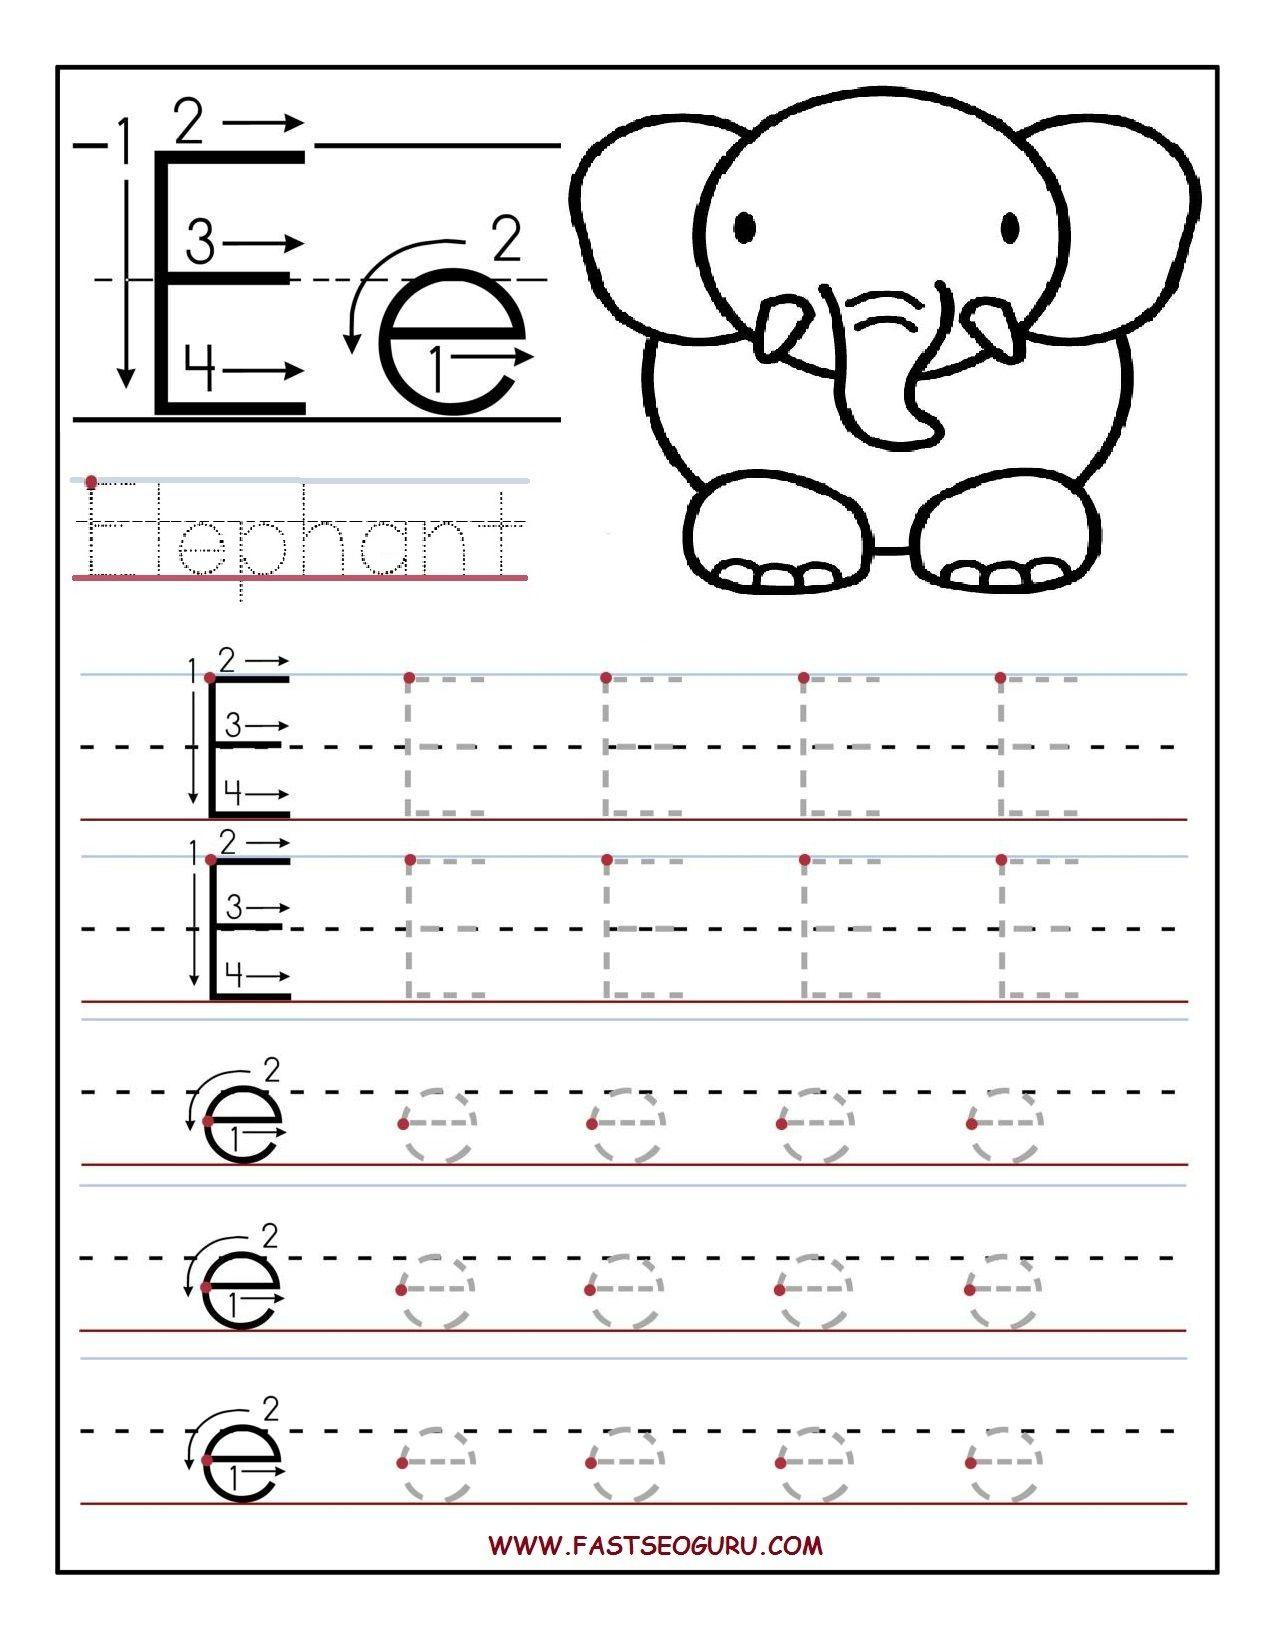 Pinvilfran Gason On Decor | Letter E Worksheets, Letter Tracing | Printable Letter E Worksheets For Preschool